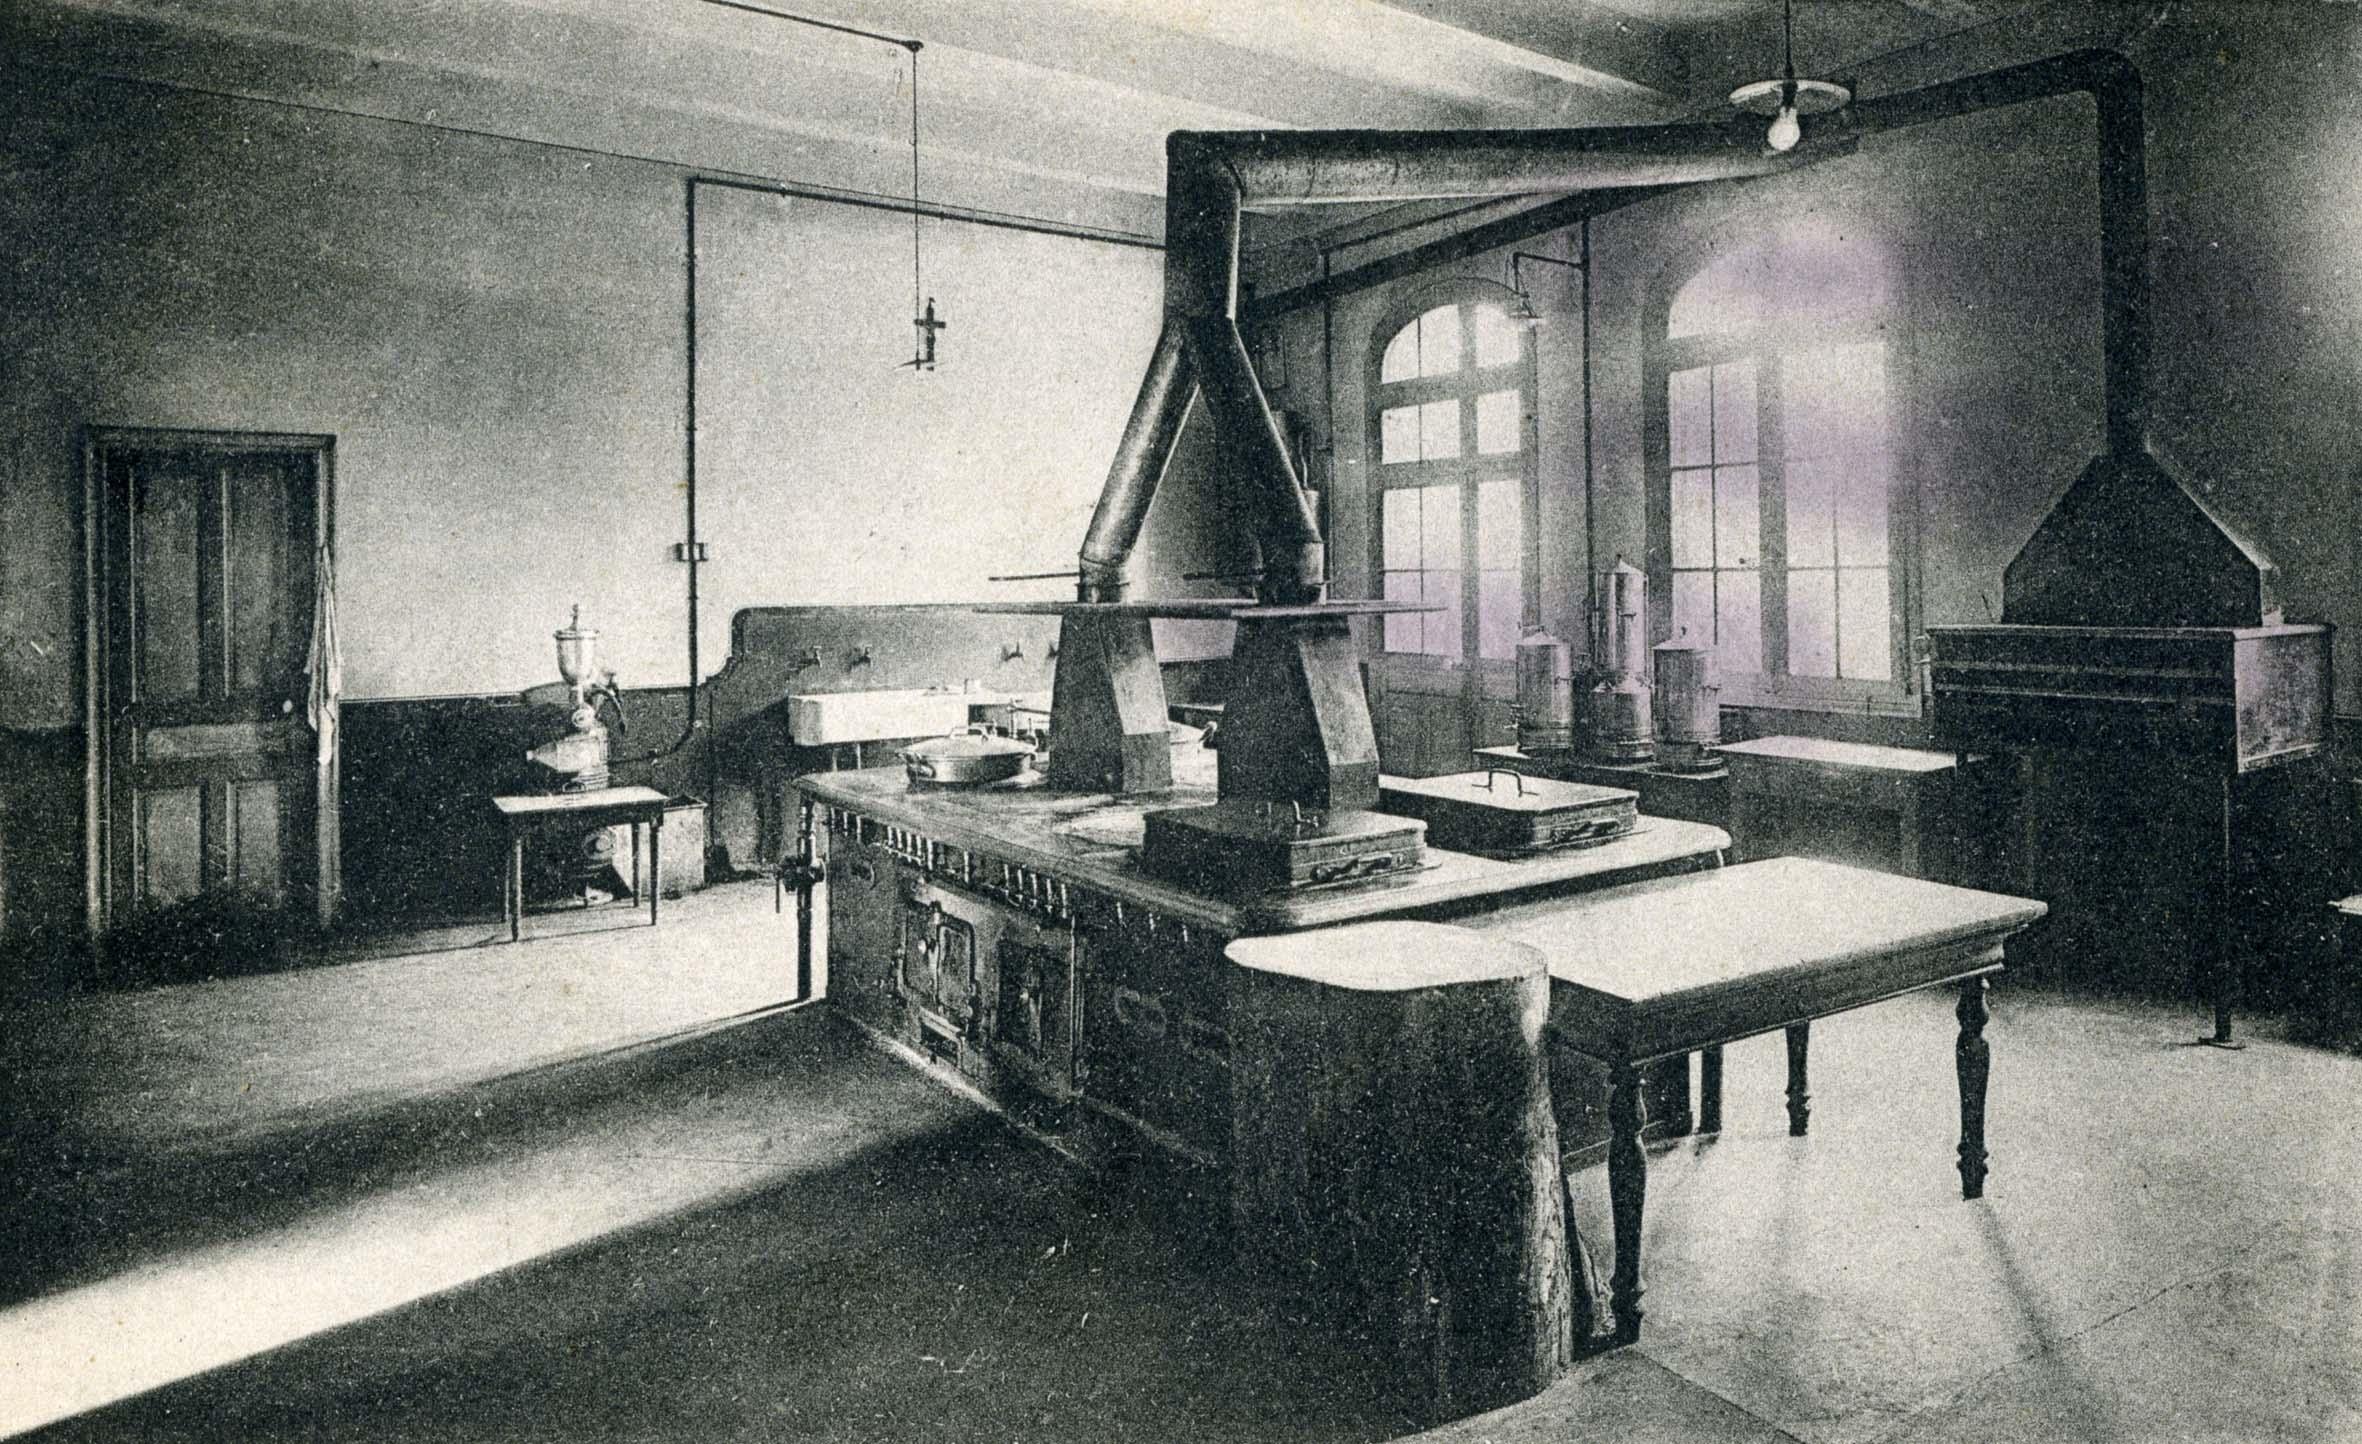 Cartes postales et photos anciennes de nimes for Photos cuisines anciennes